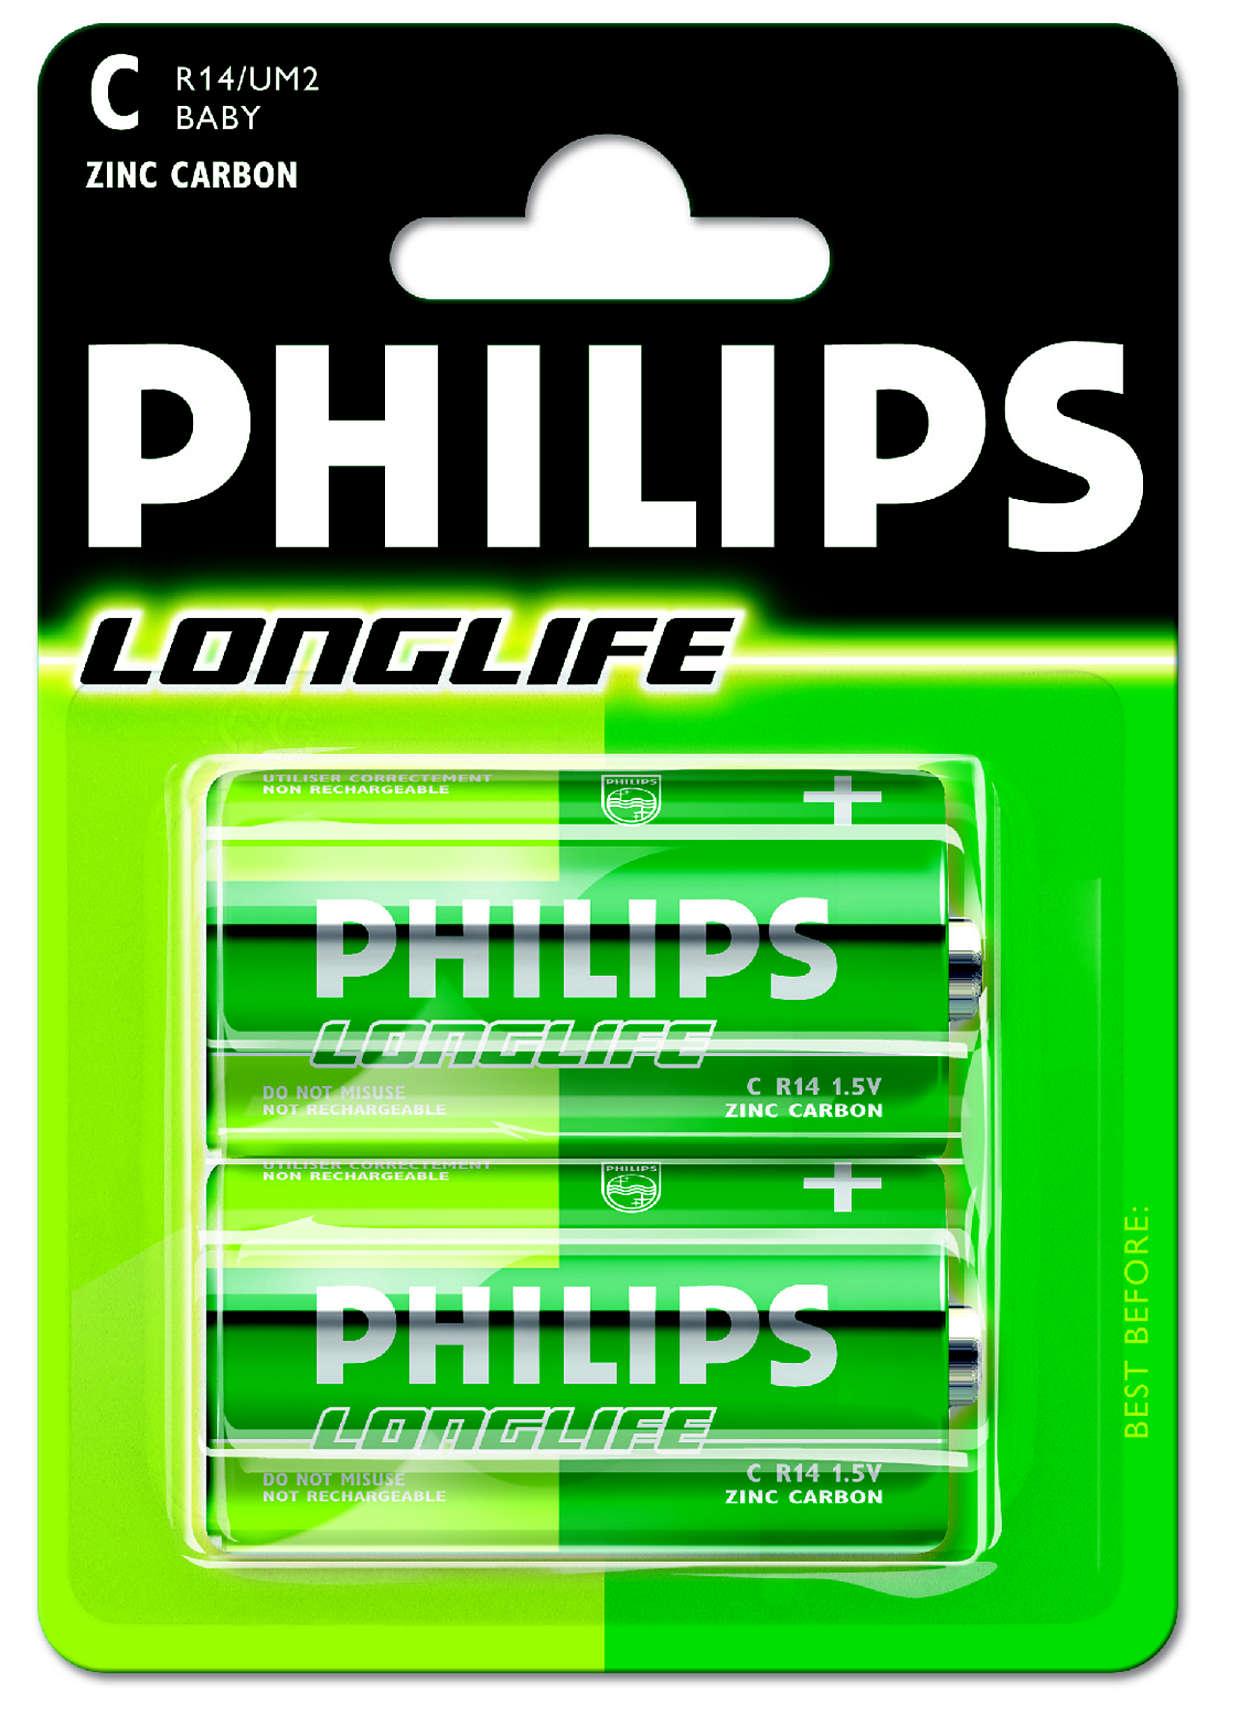 Düşük güç tüketen uygulamalar için optimum piller